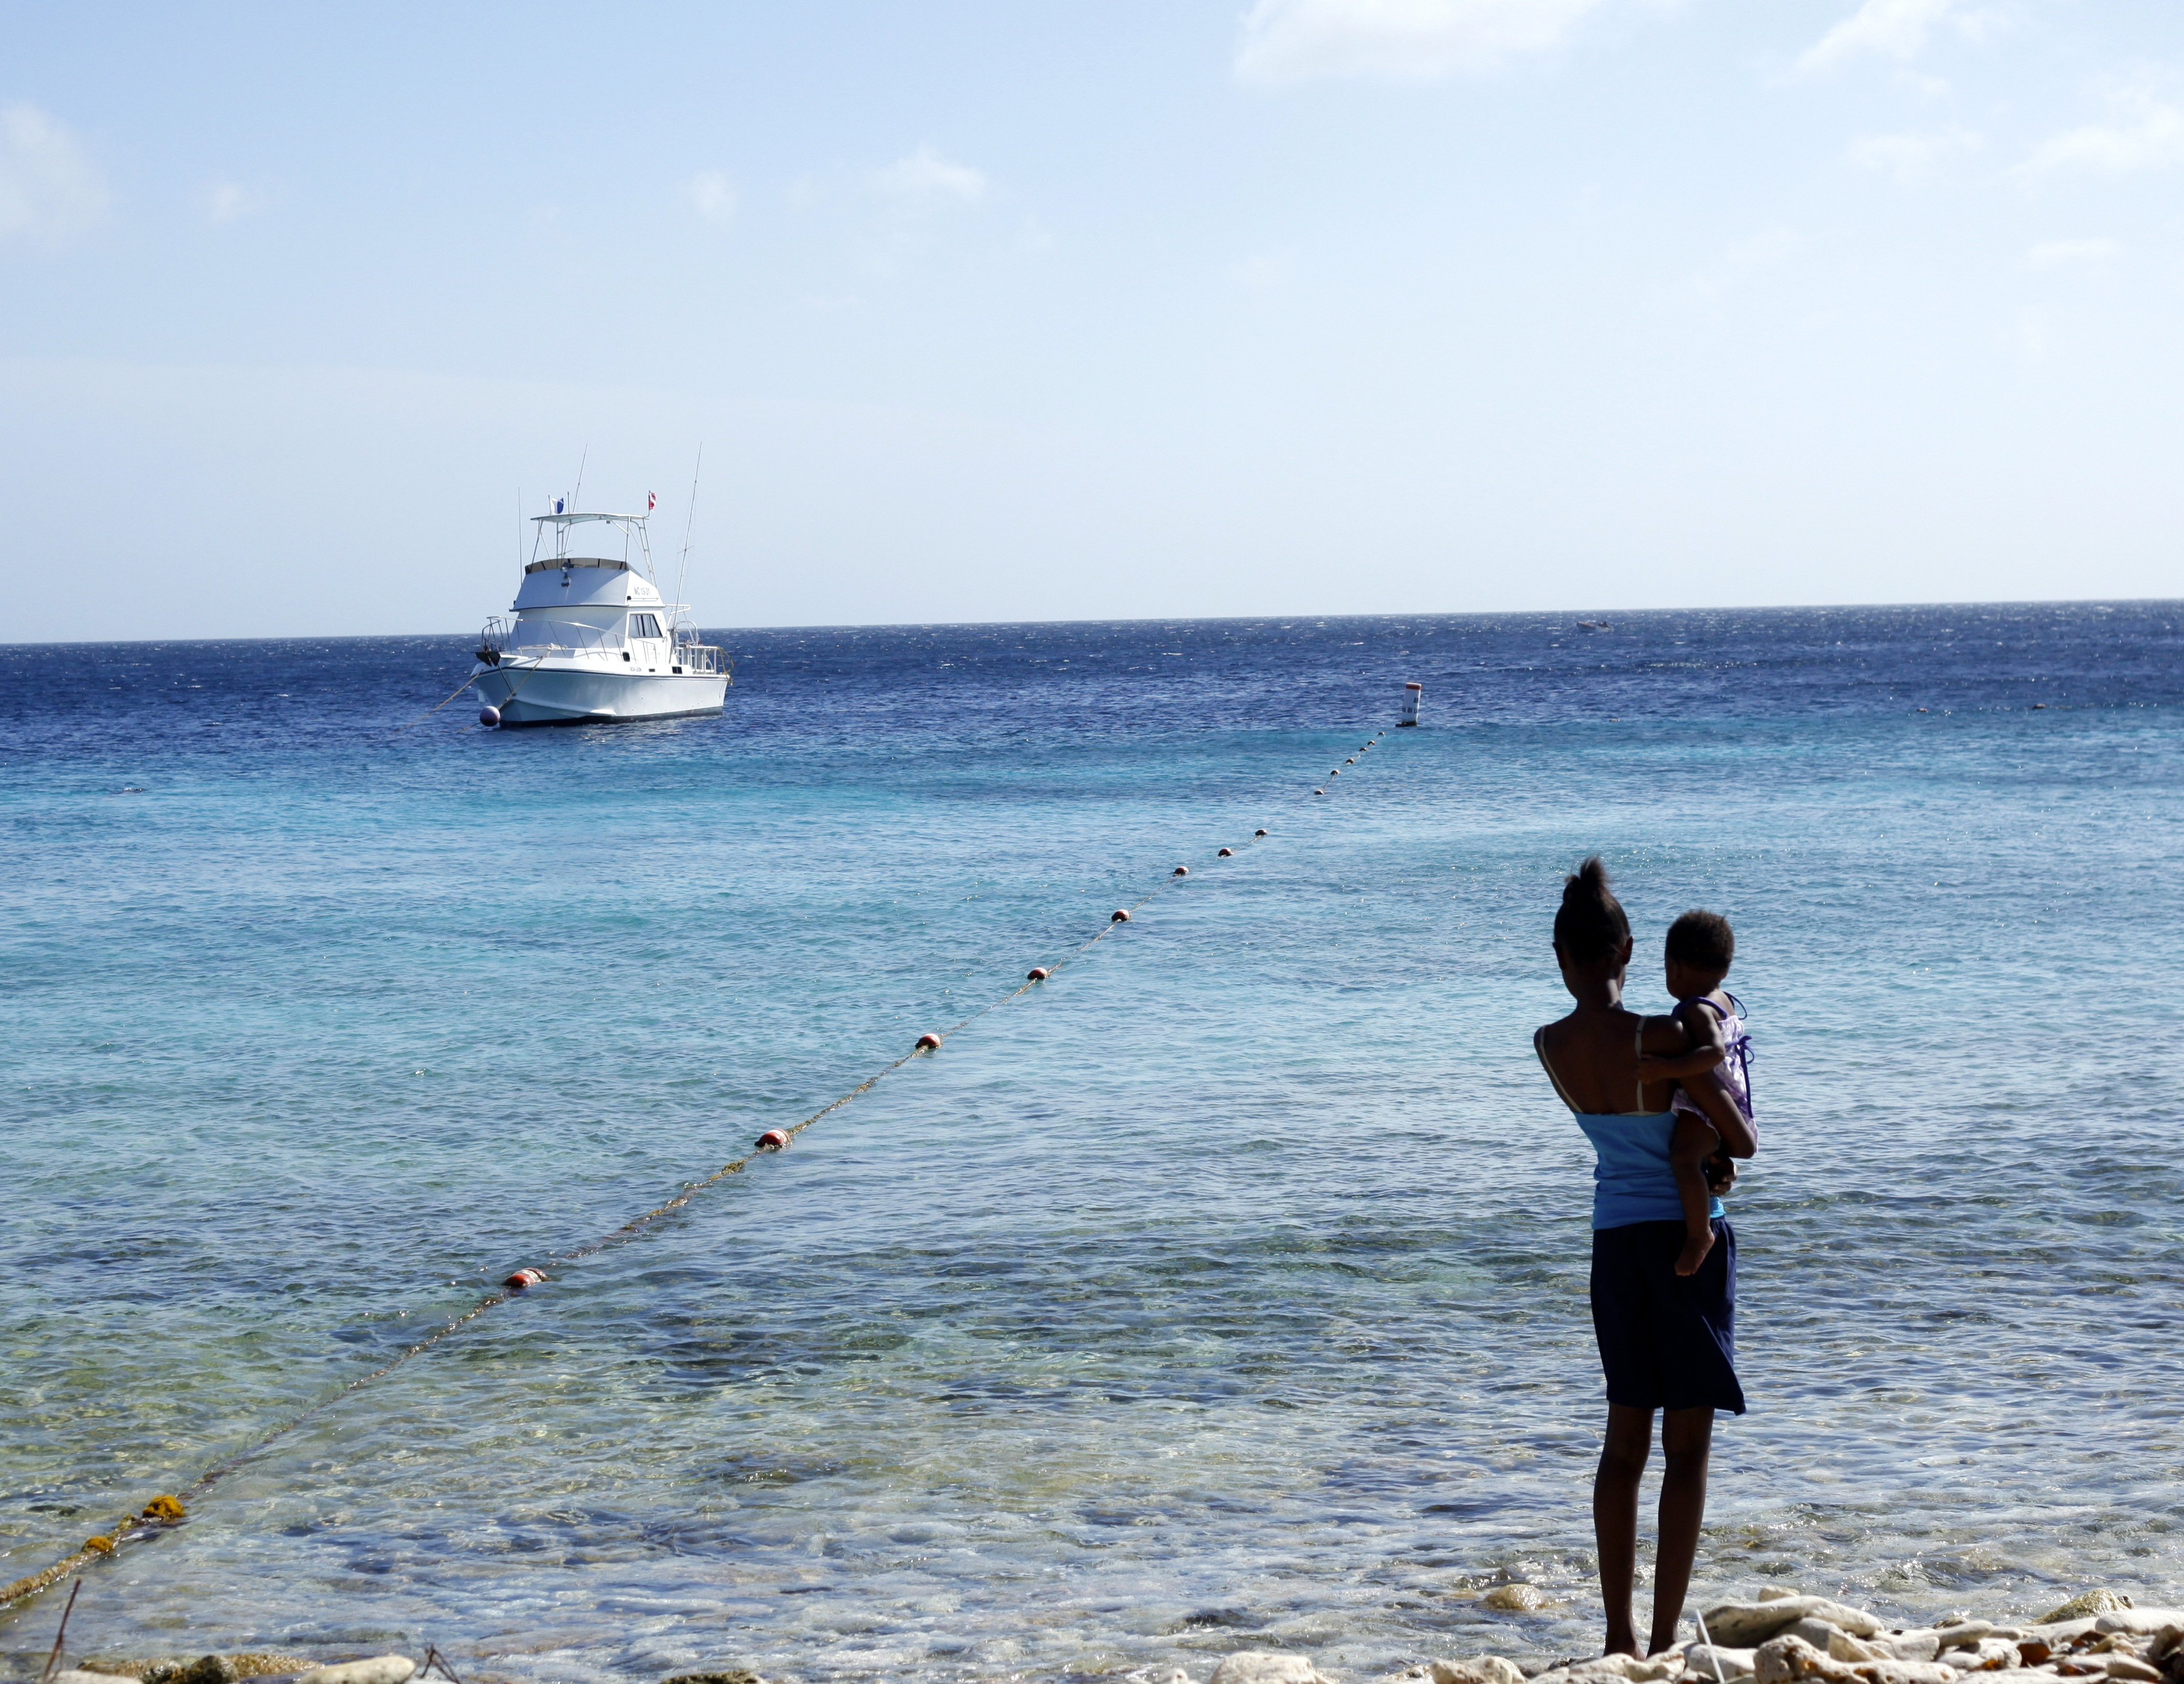 Curaçao: Unique Caribbean